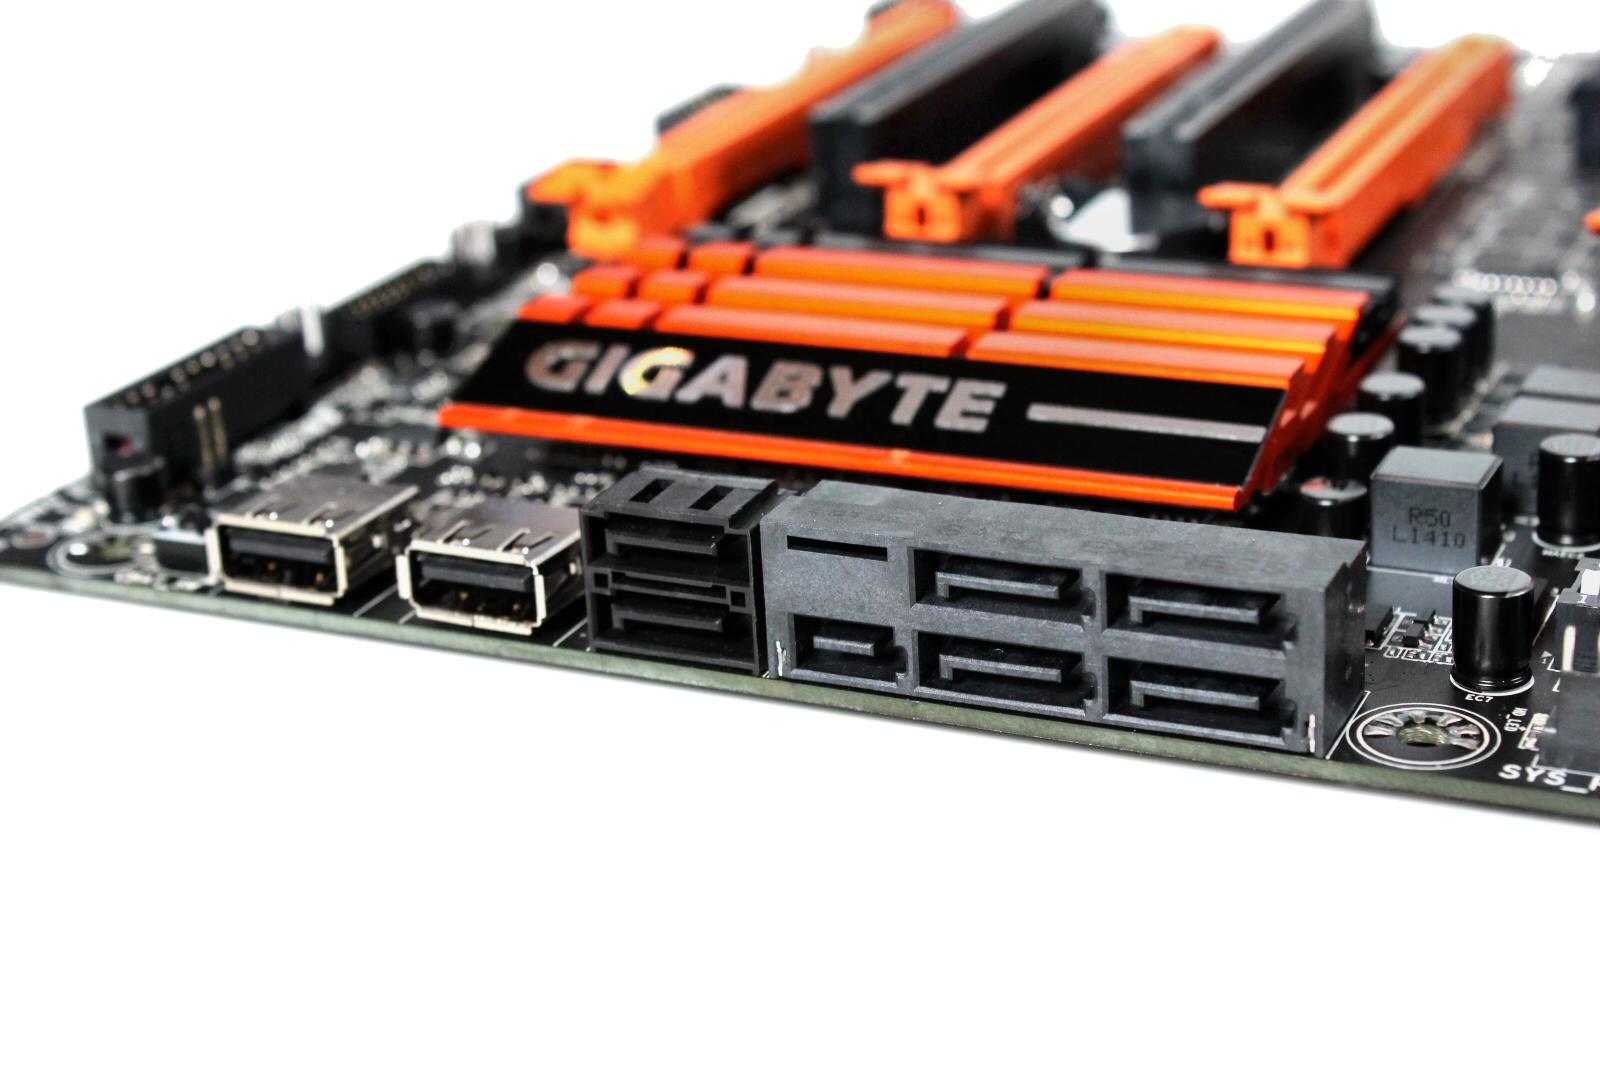 [Review] GIGABYTE Z97X-SOC Force-img_3587.jpg